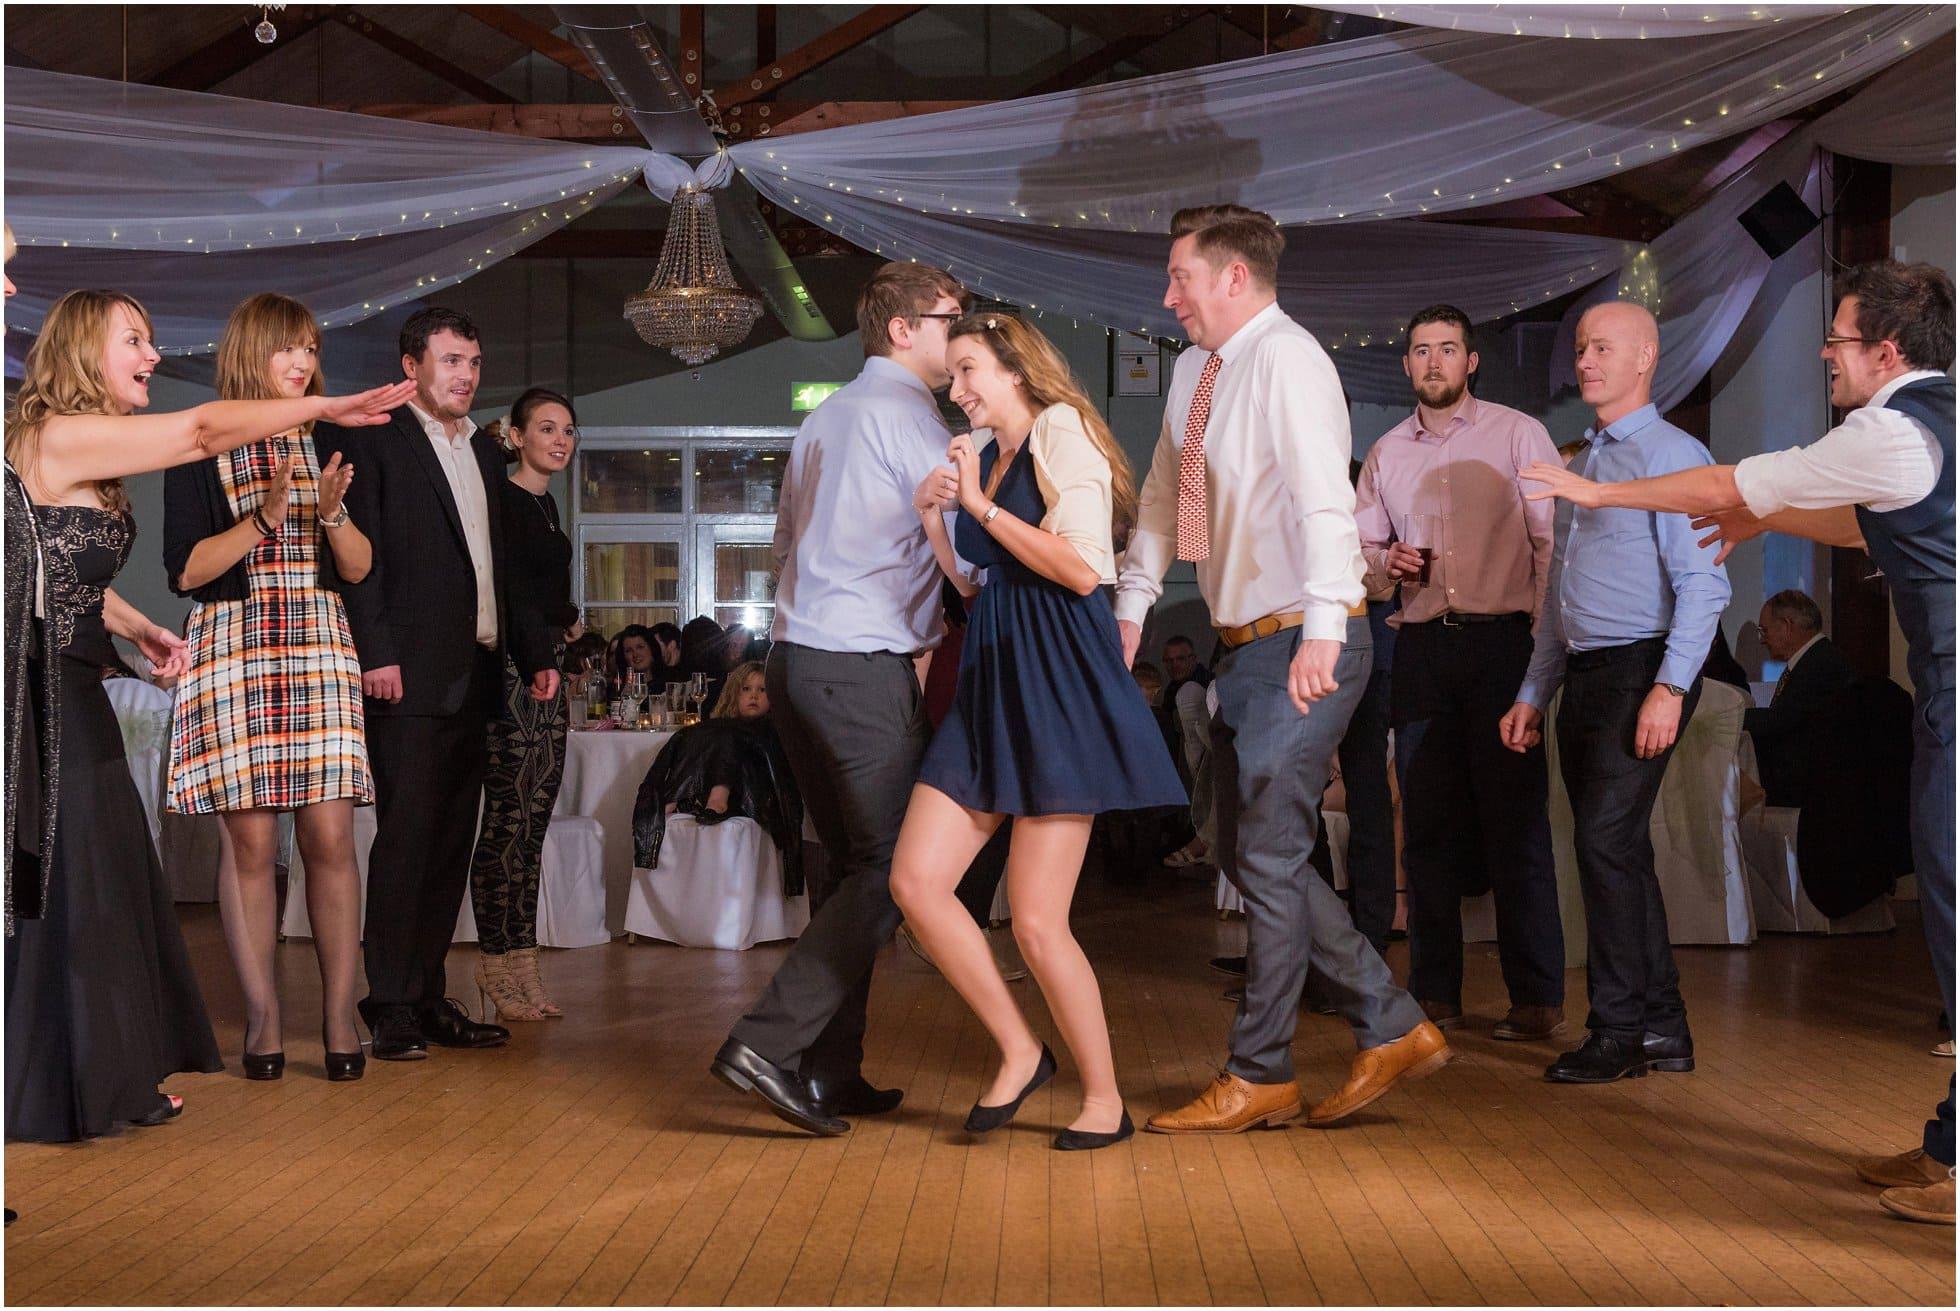 Dancing fun: which way do we go?